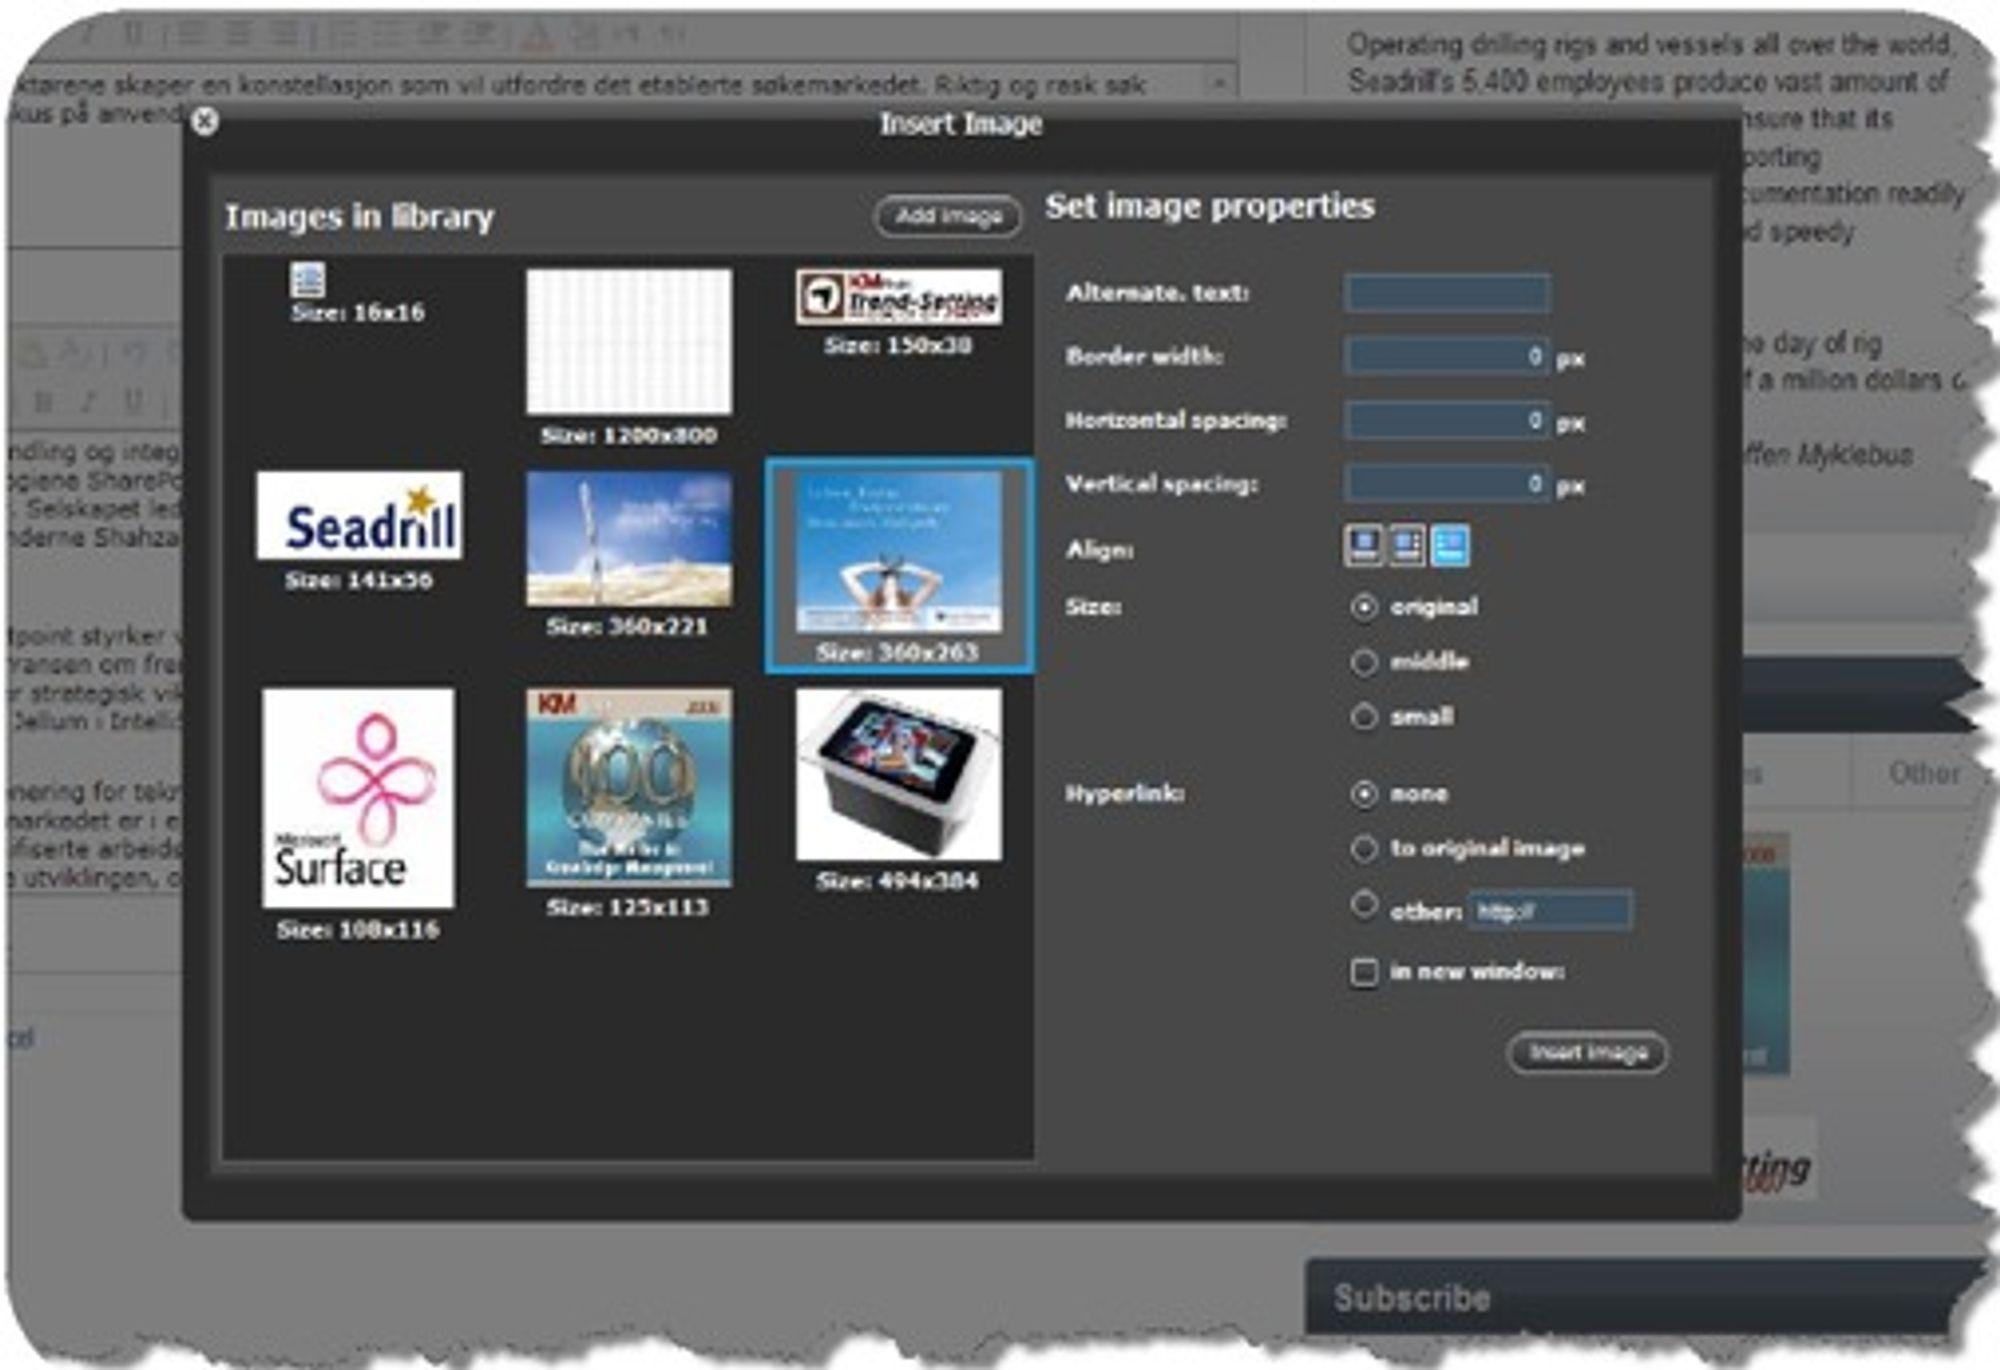 Bildehåndtering i SharePublisher er langt enklere enn den Microsoft selv legger opptil i WSS og MOSS.